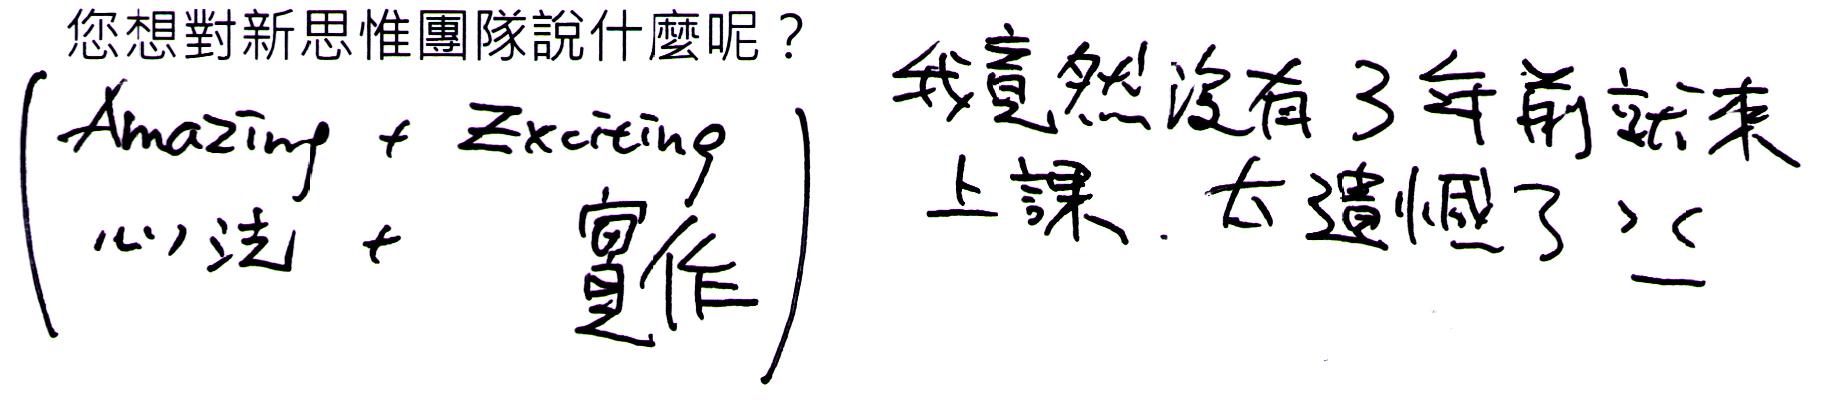 06_20160529_feedback_00003